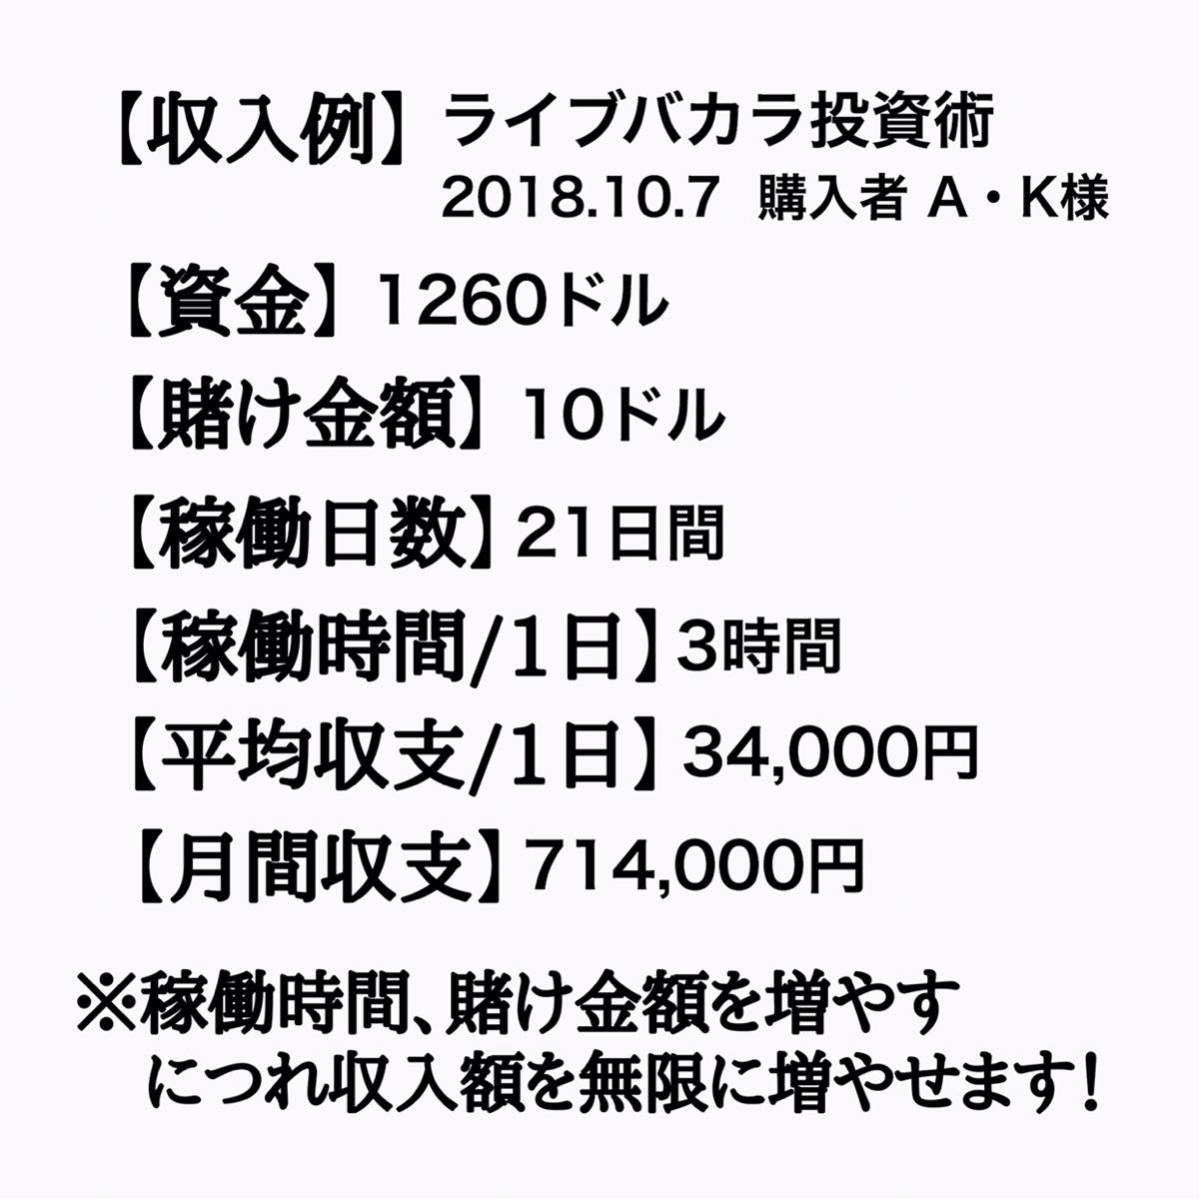 《先着3名様限定》通常価格¥90,000円⇒先着限定価格¥6,980円 完全オリジナル極秘投資術セット 攻略法 仮想通貨 FX 投資 カジノ 副業 0_画像7